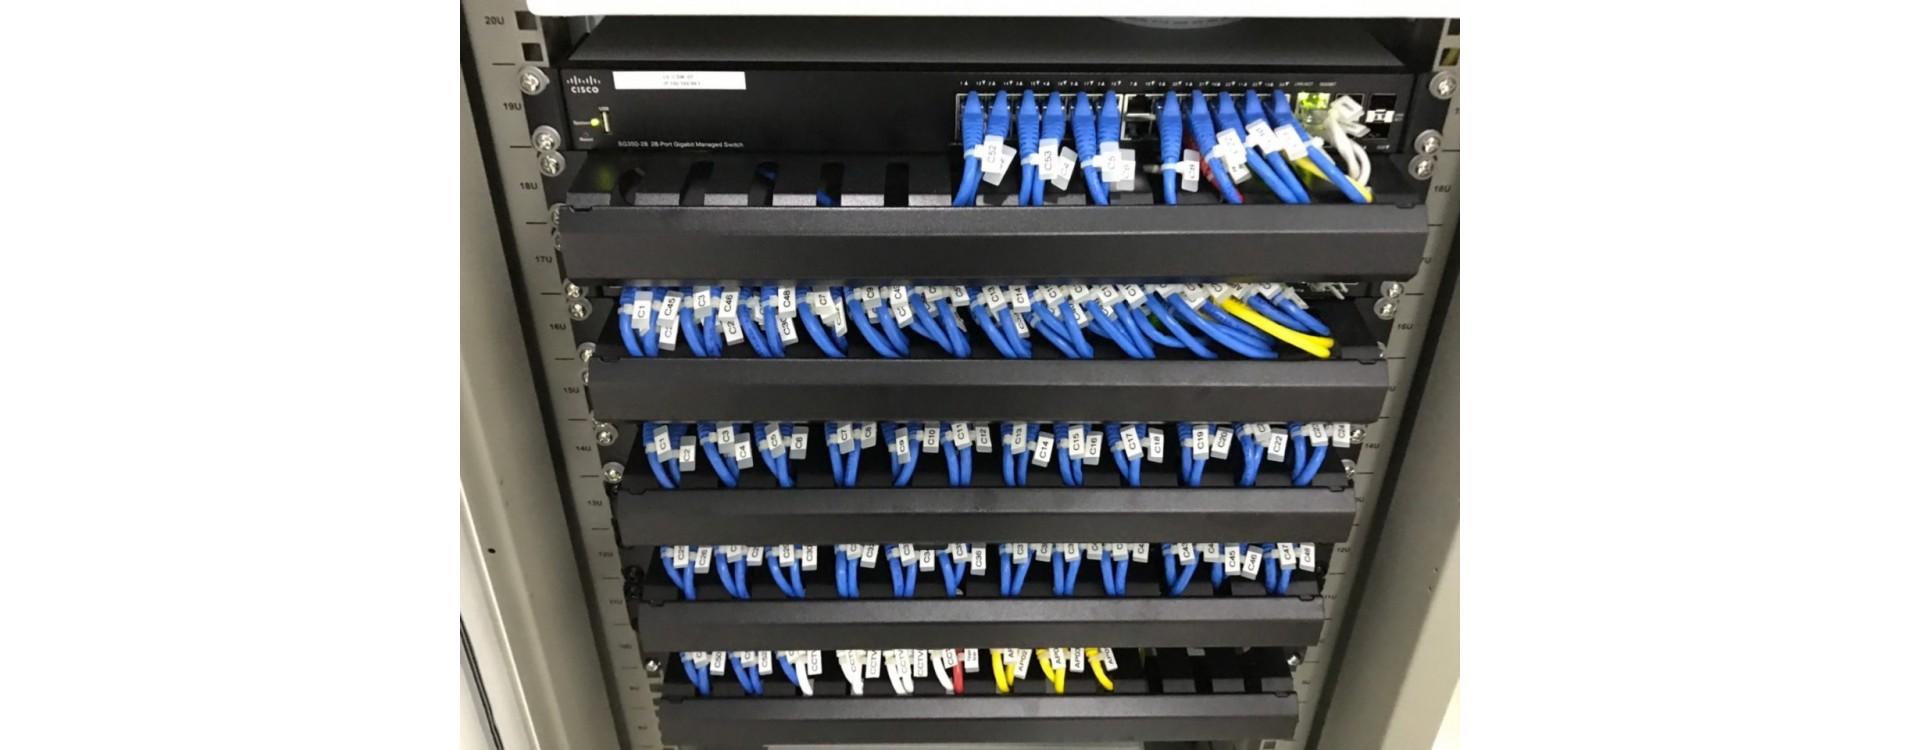 บริการงานติดตั้ง WIFI, CCTV, ระบบเครือข่าย